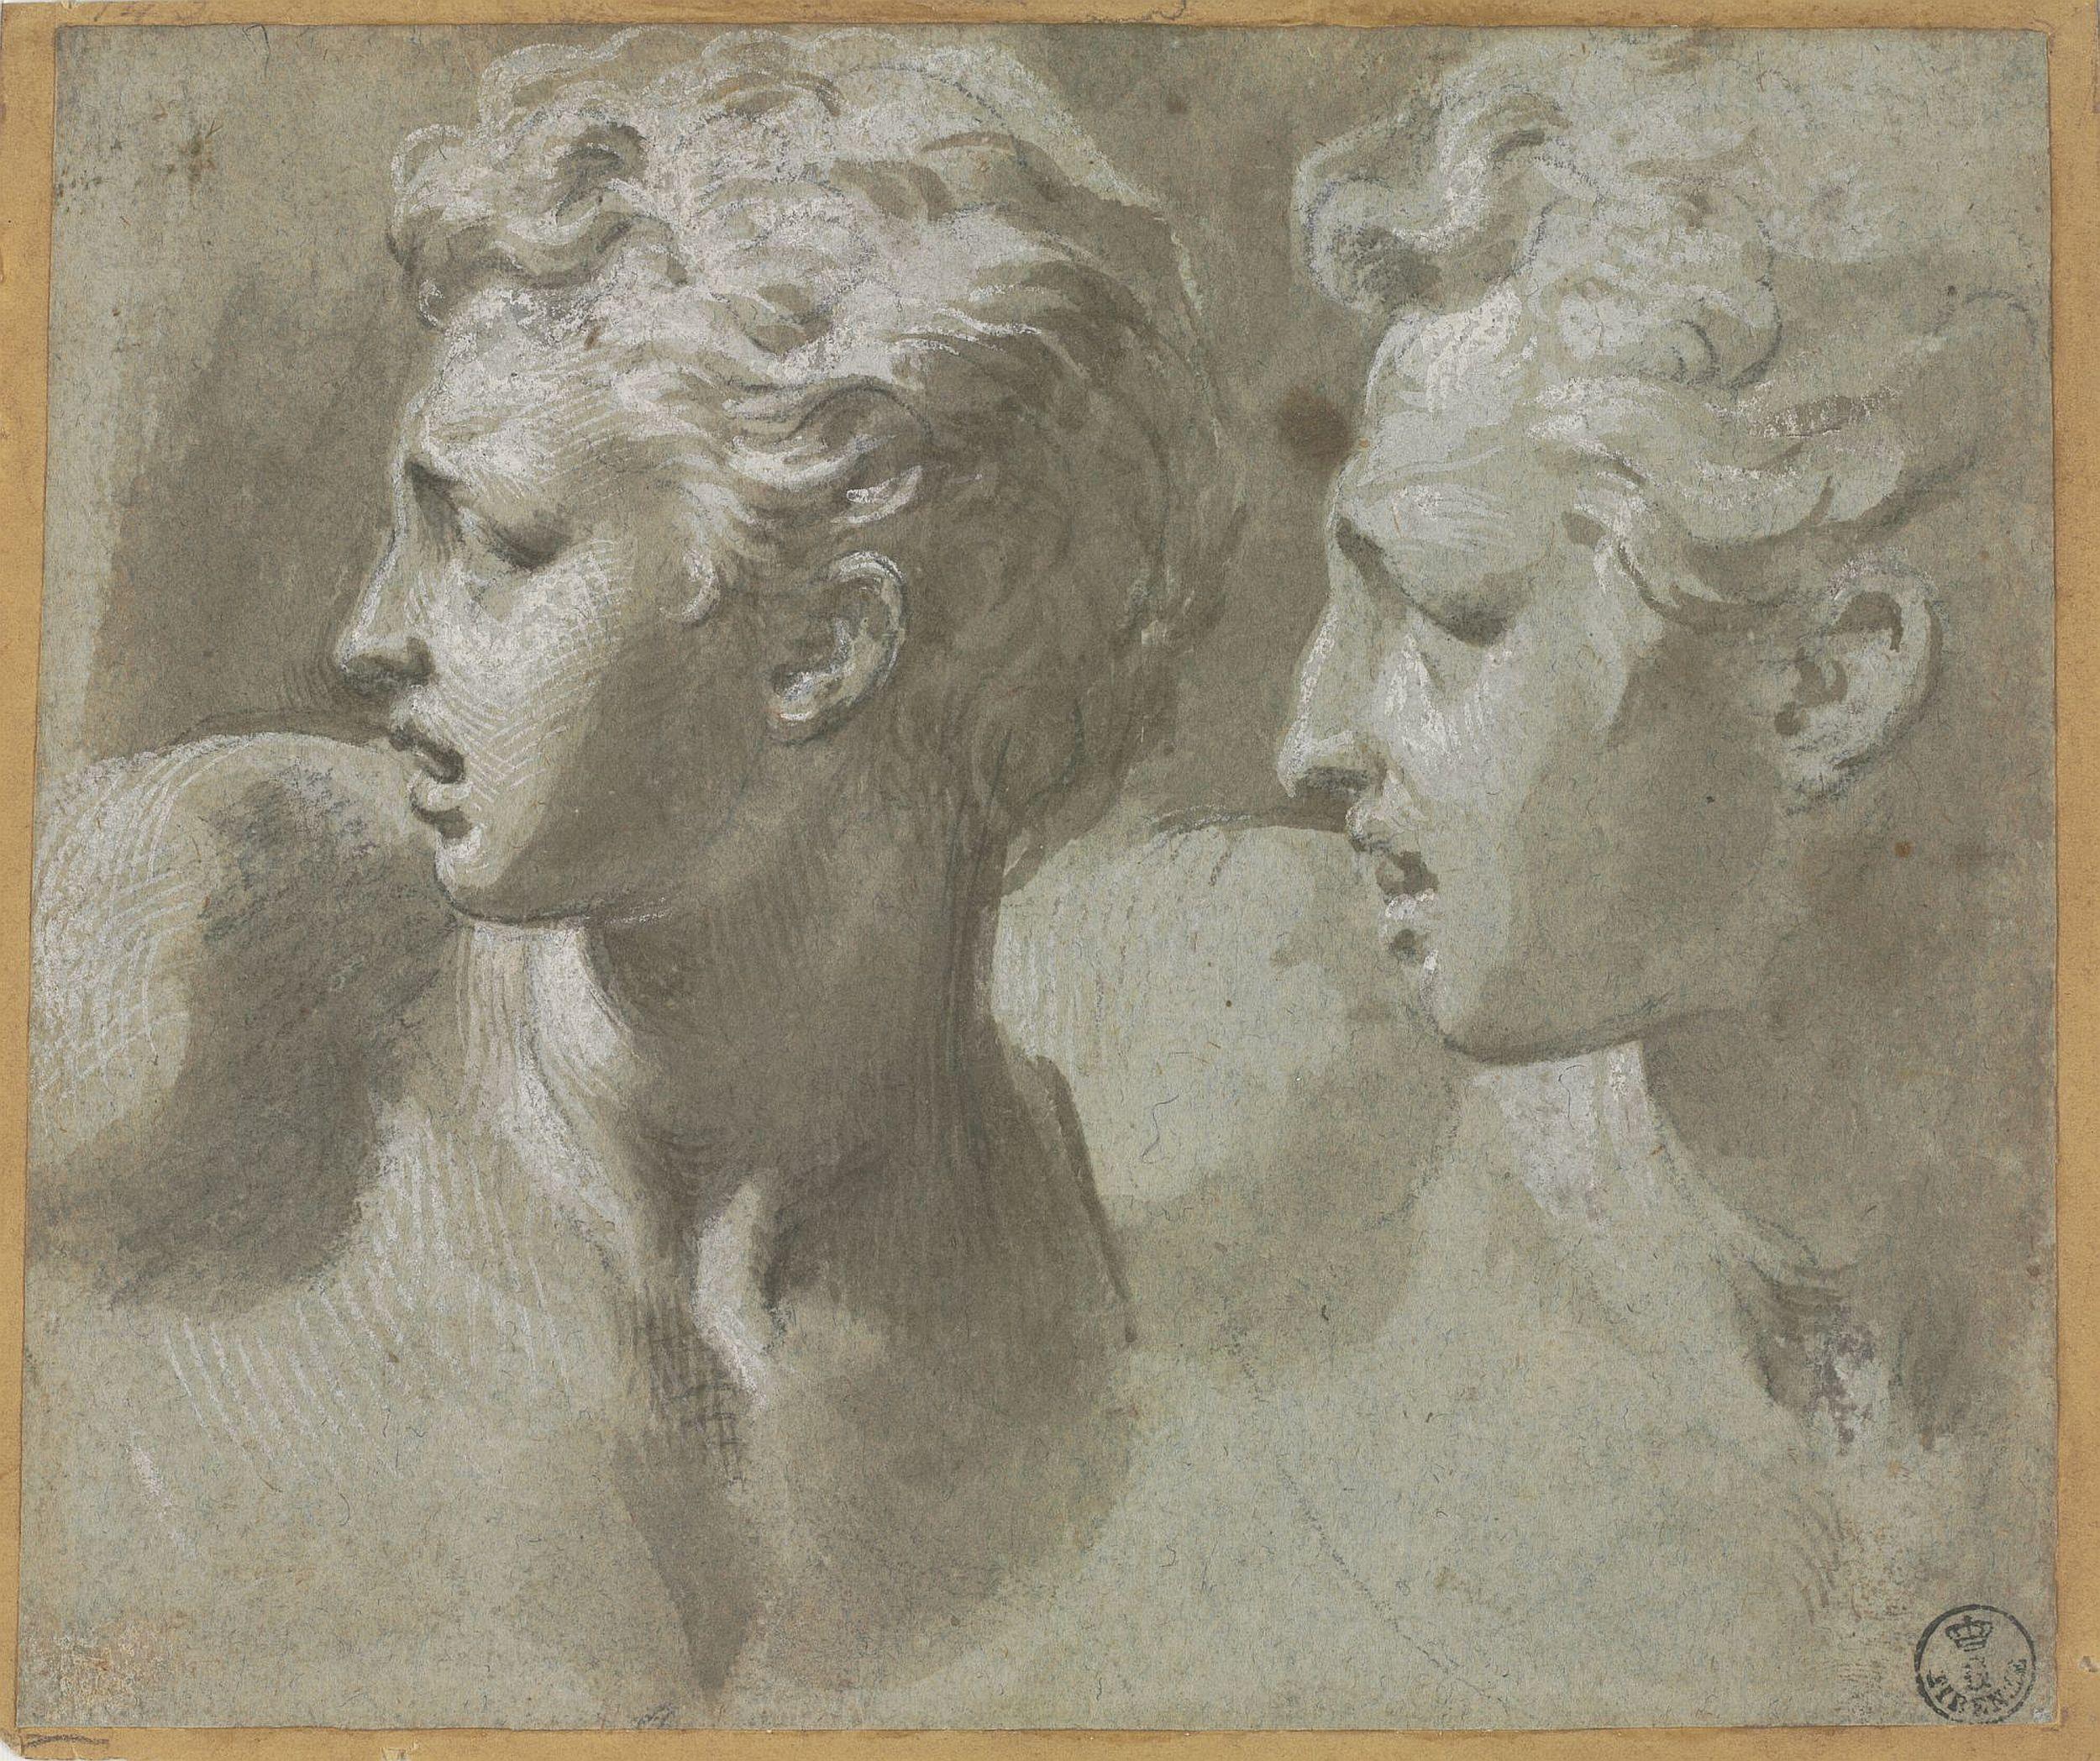 Raffaello, Parmigianino, Barocci: in mostra ai Musei Capitolini